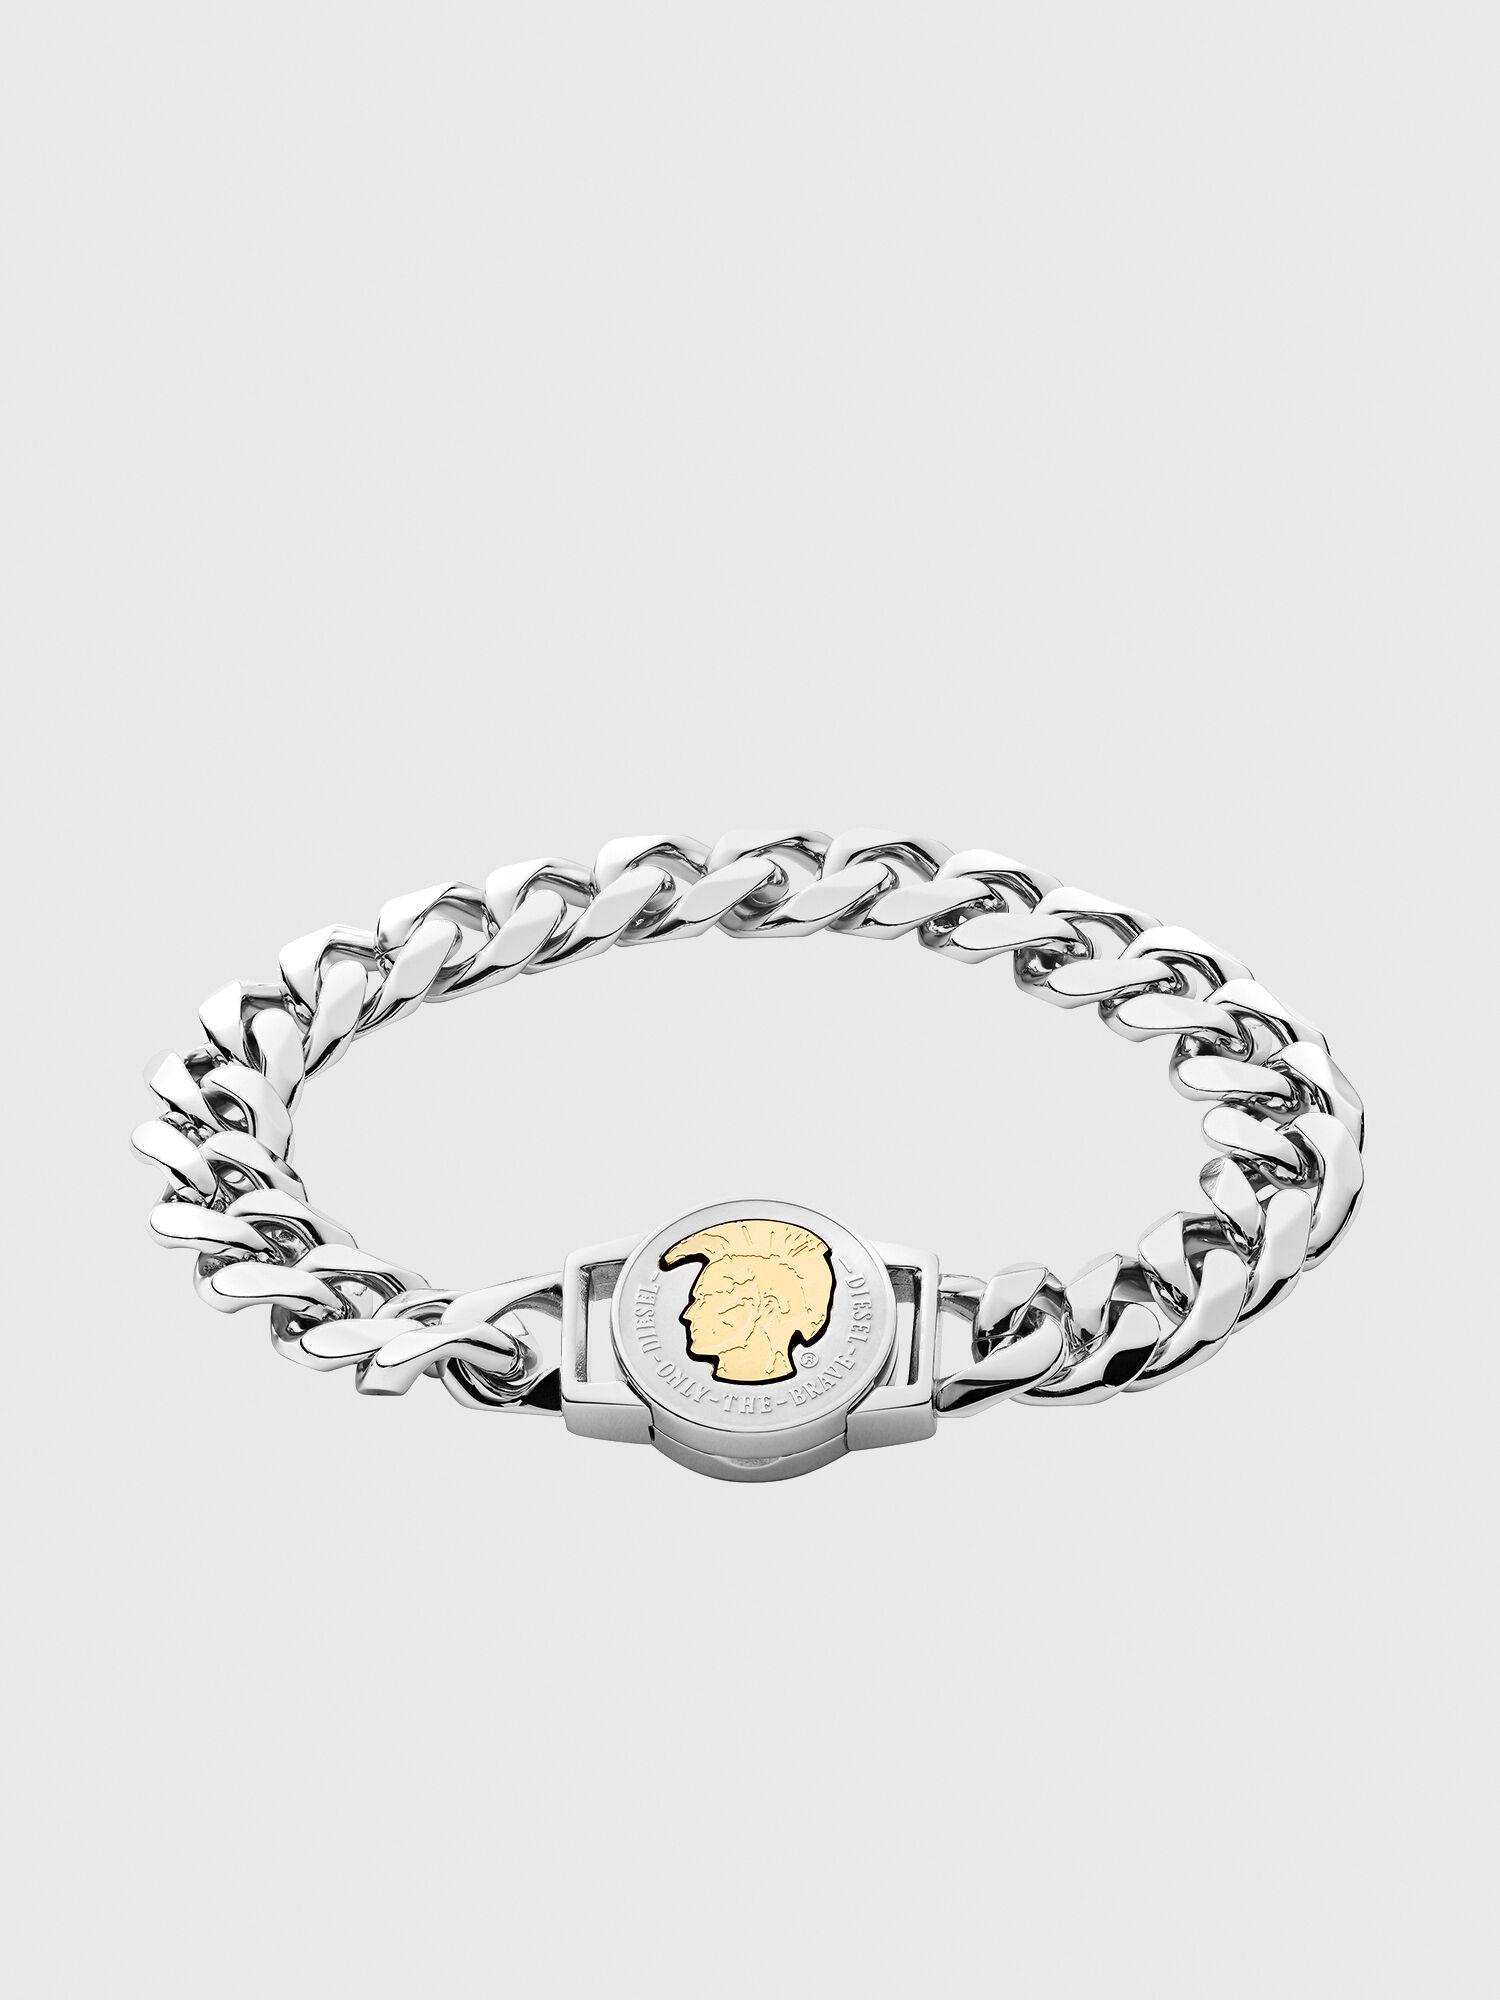 Italian Finest Jewelry Bracelet for Women, Silver, 2017, One Size